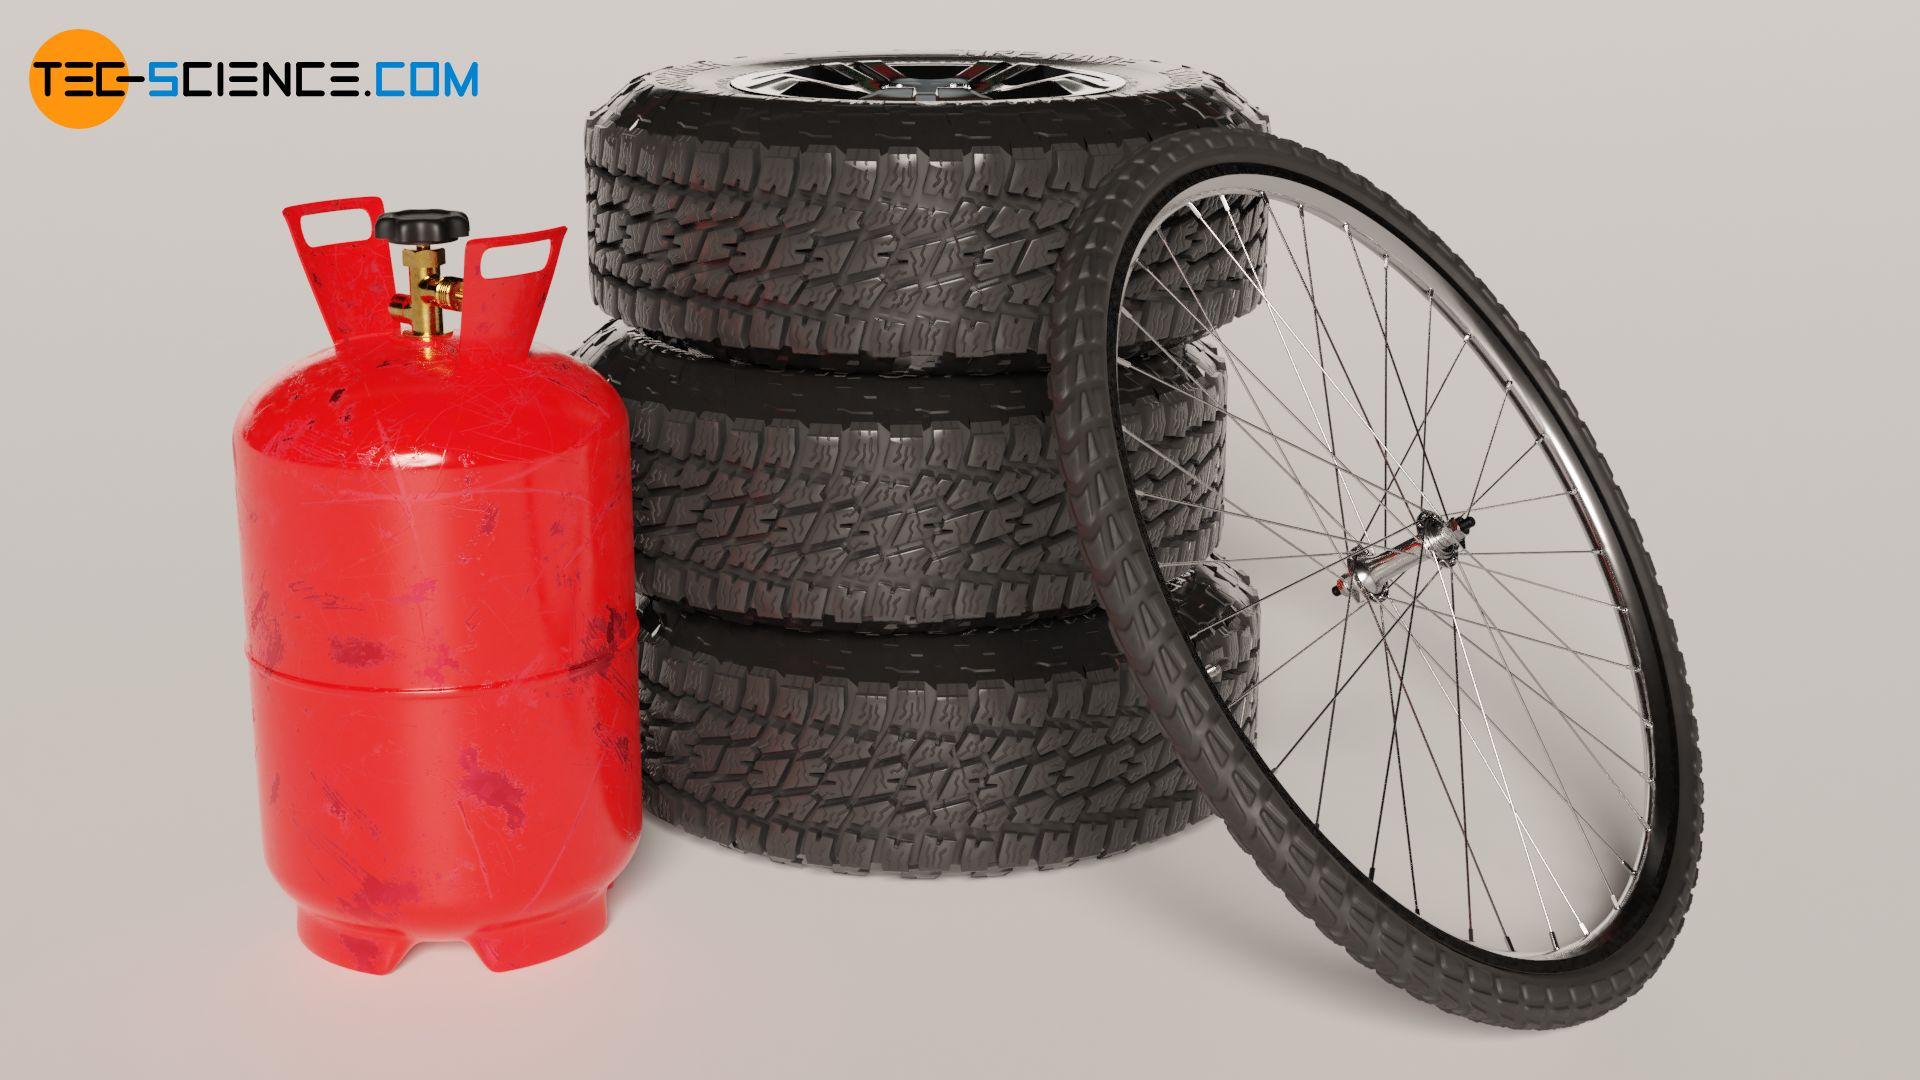 Gasflasche, Autoreifen und Fahrradreifen als Beispiele für isochore Prozesse